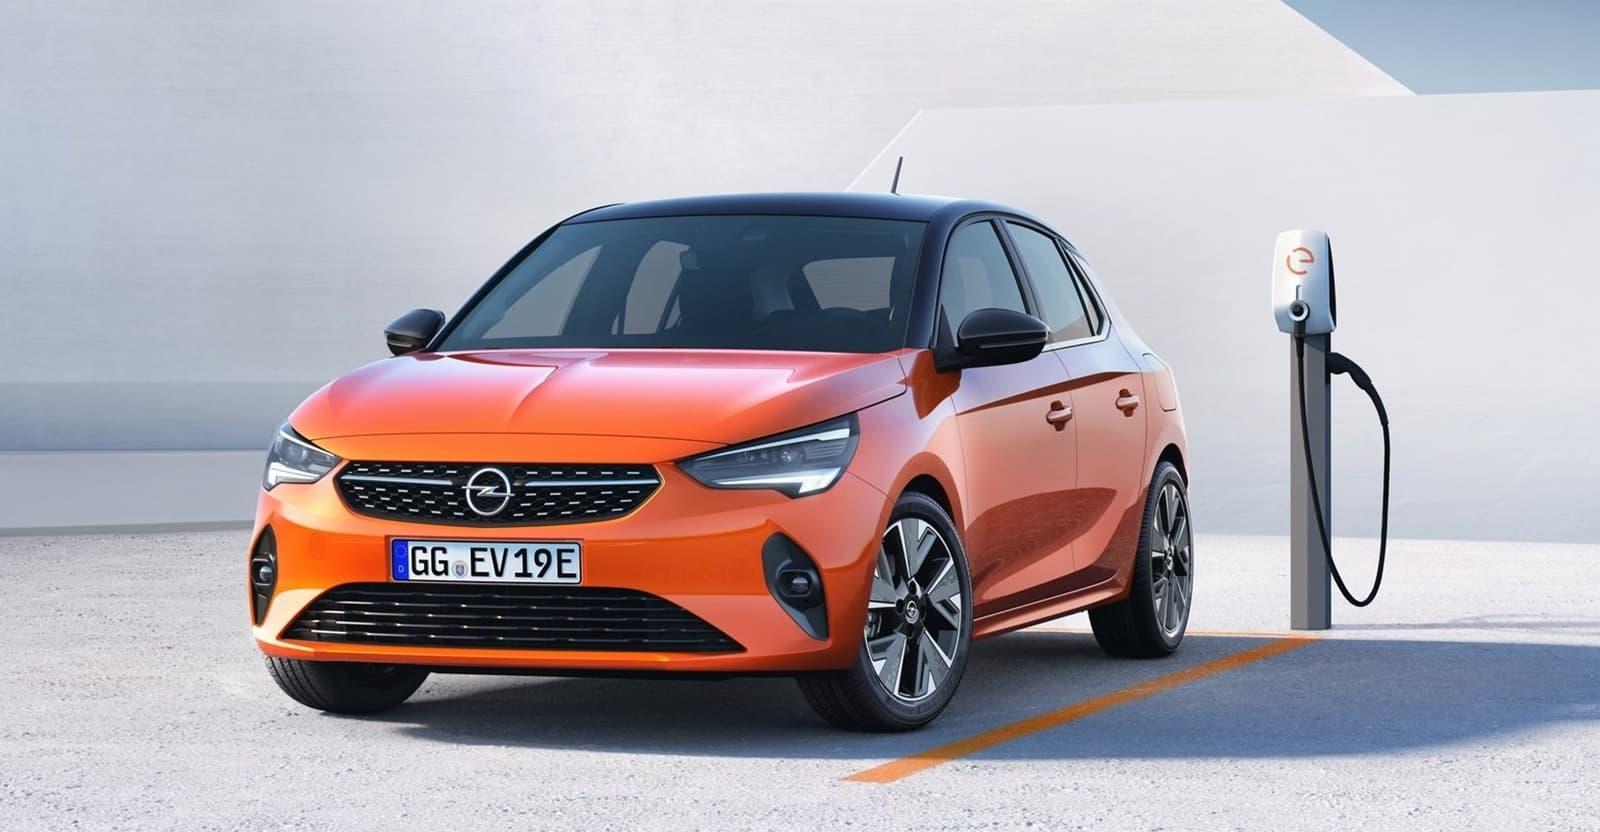 Opel Corsa E 0519 001